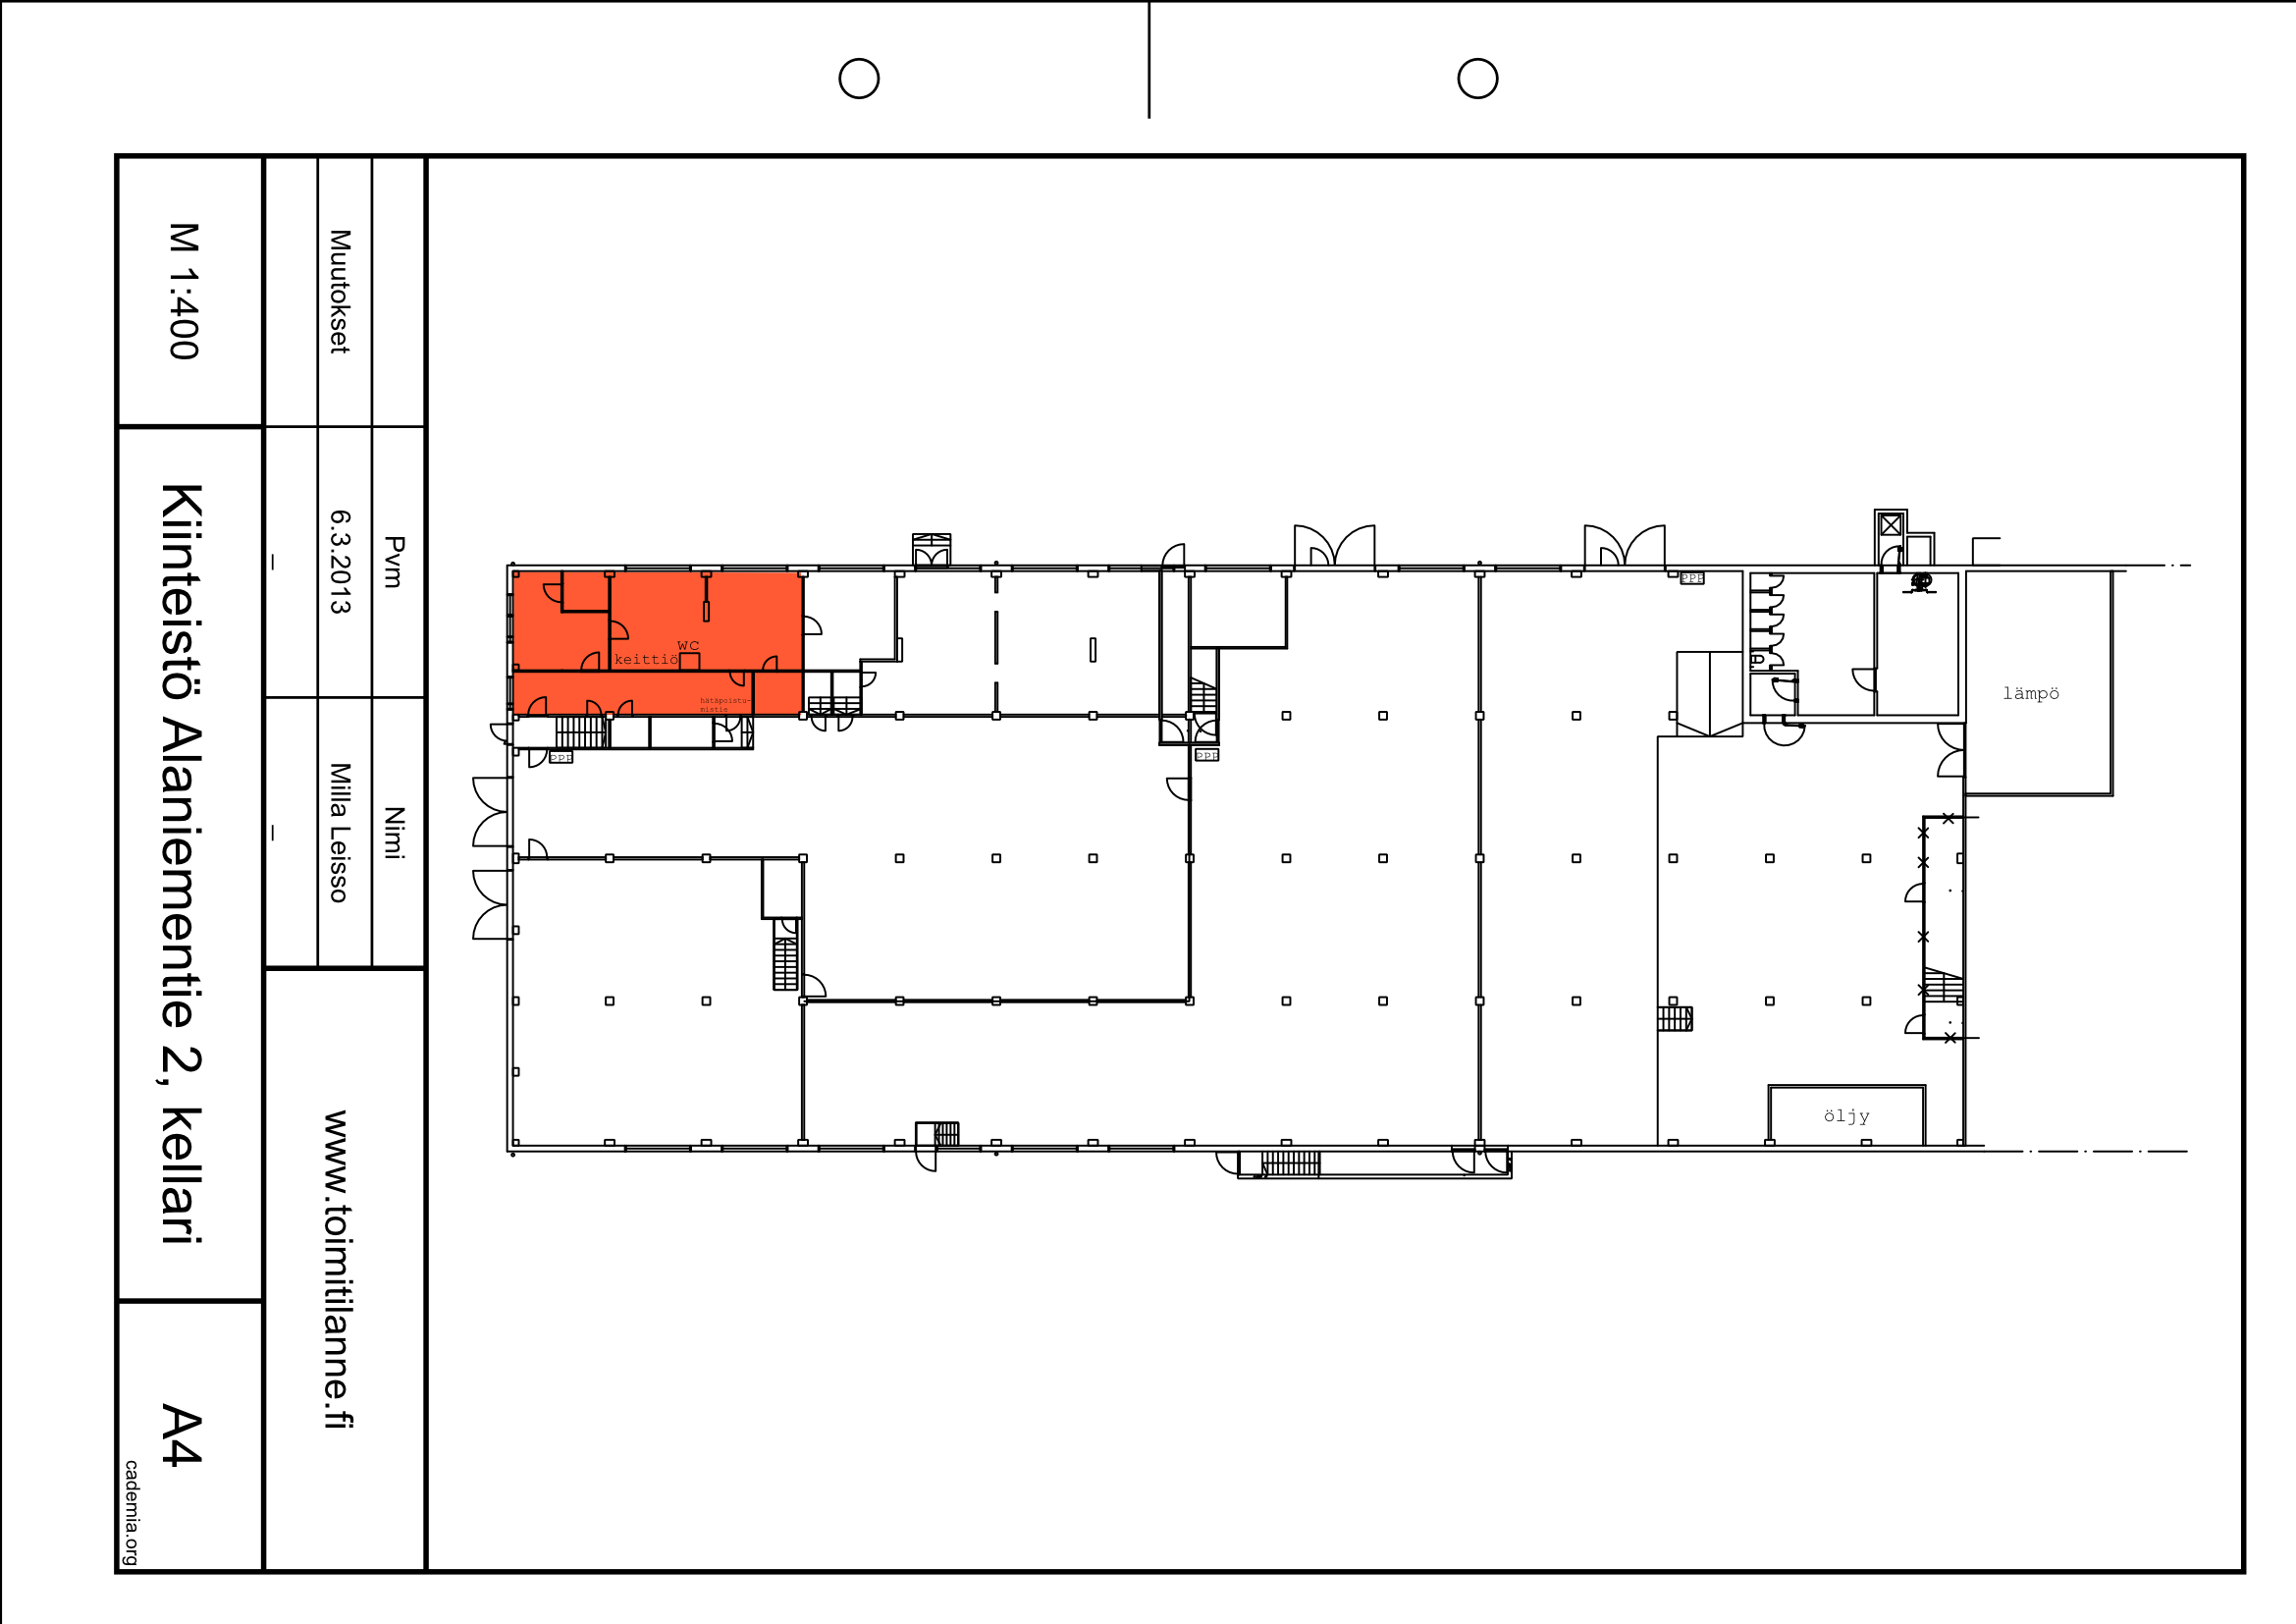 Toimitilanne Suomi, Espoo - Alaniementie, Toimisto- tai varastohuone 111 m²